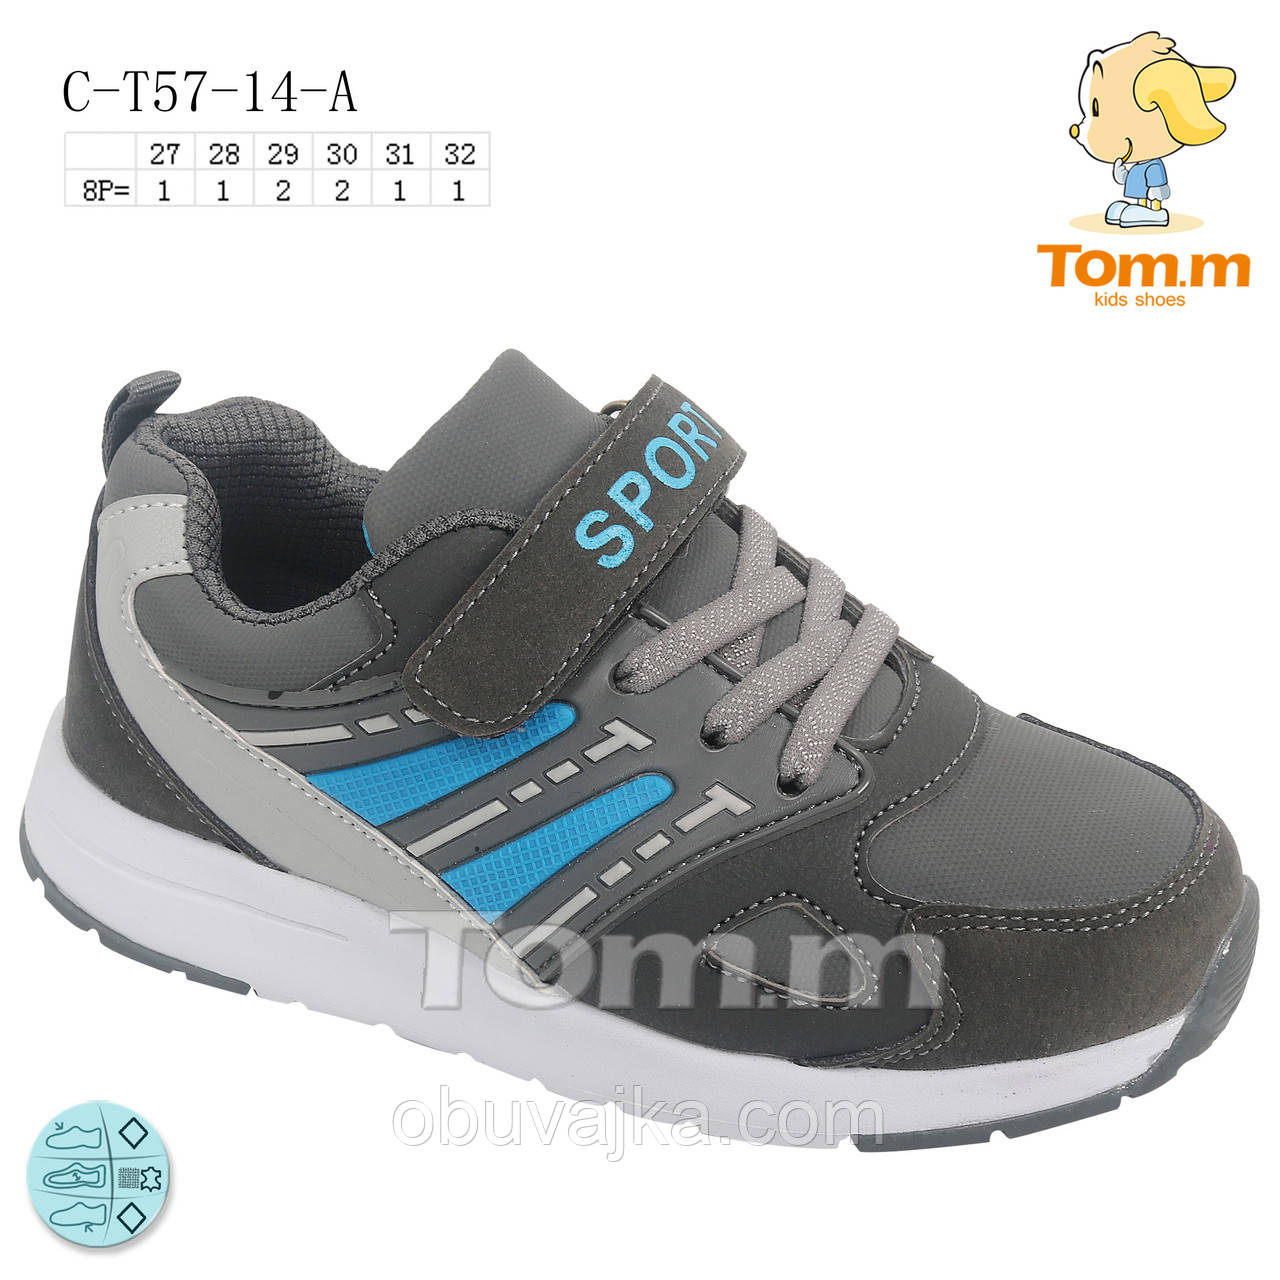 Детские кроссовки 2019 в Одессе от производителя Tom m(27-32)